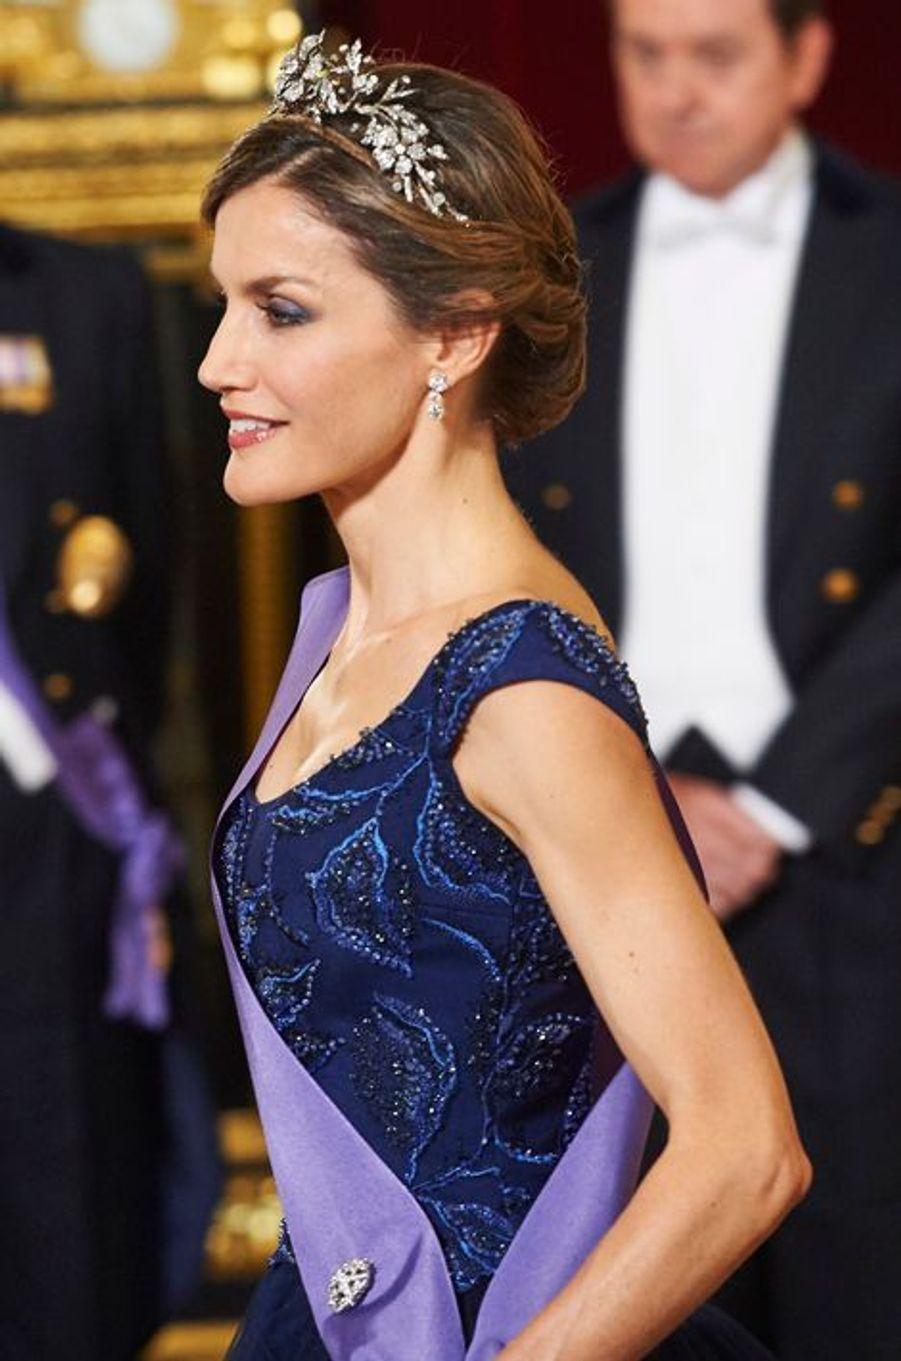 La reine Letizia d'Espagne au Palais royal à Madrid, le 7 juillet 2015